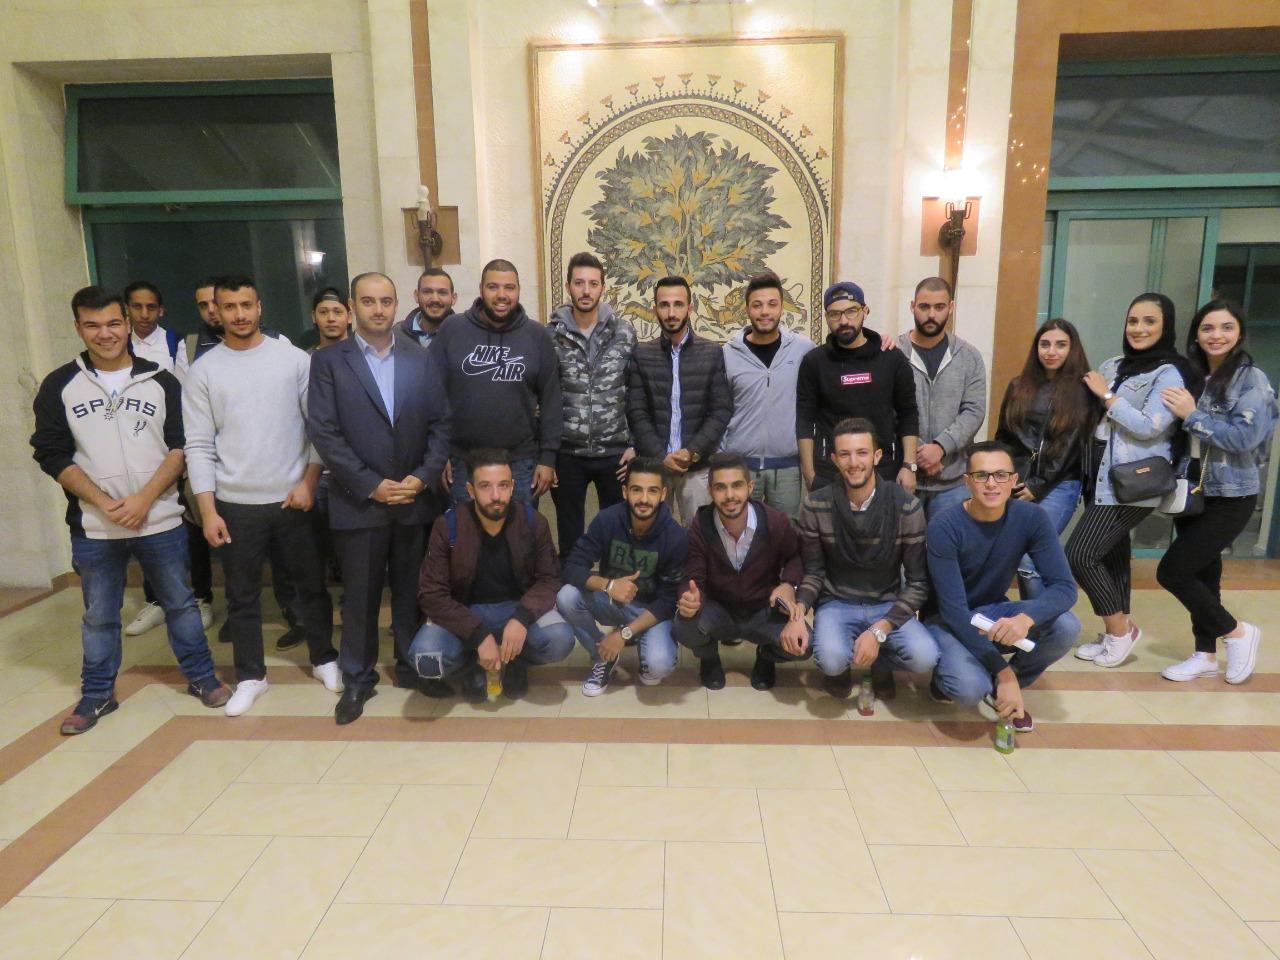 جامعة فيلادلفيا في زيارة علمية لسوق عمان المالي